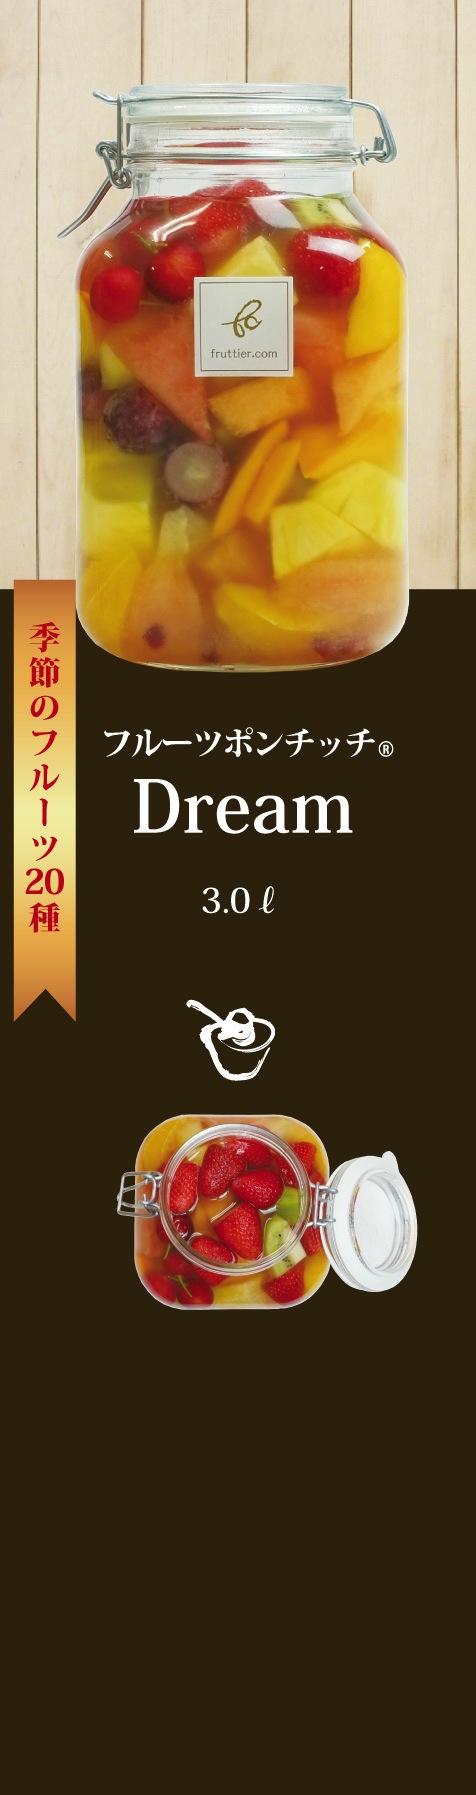 フルーツポンチッチDream〜いちご食べ比べ